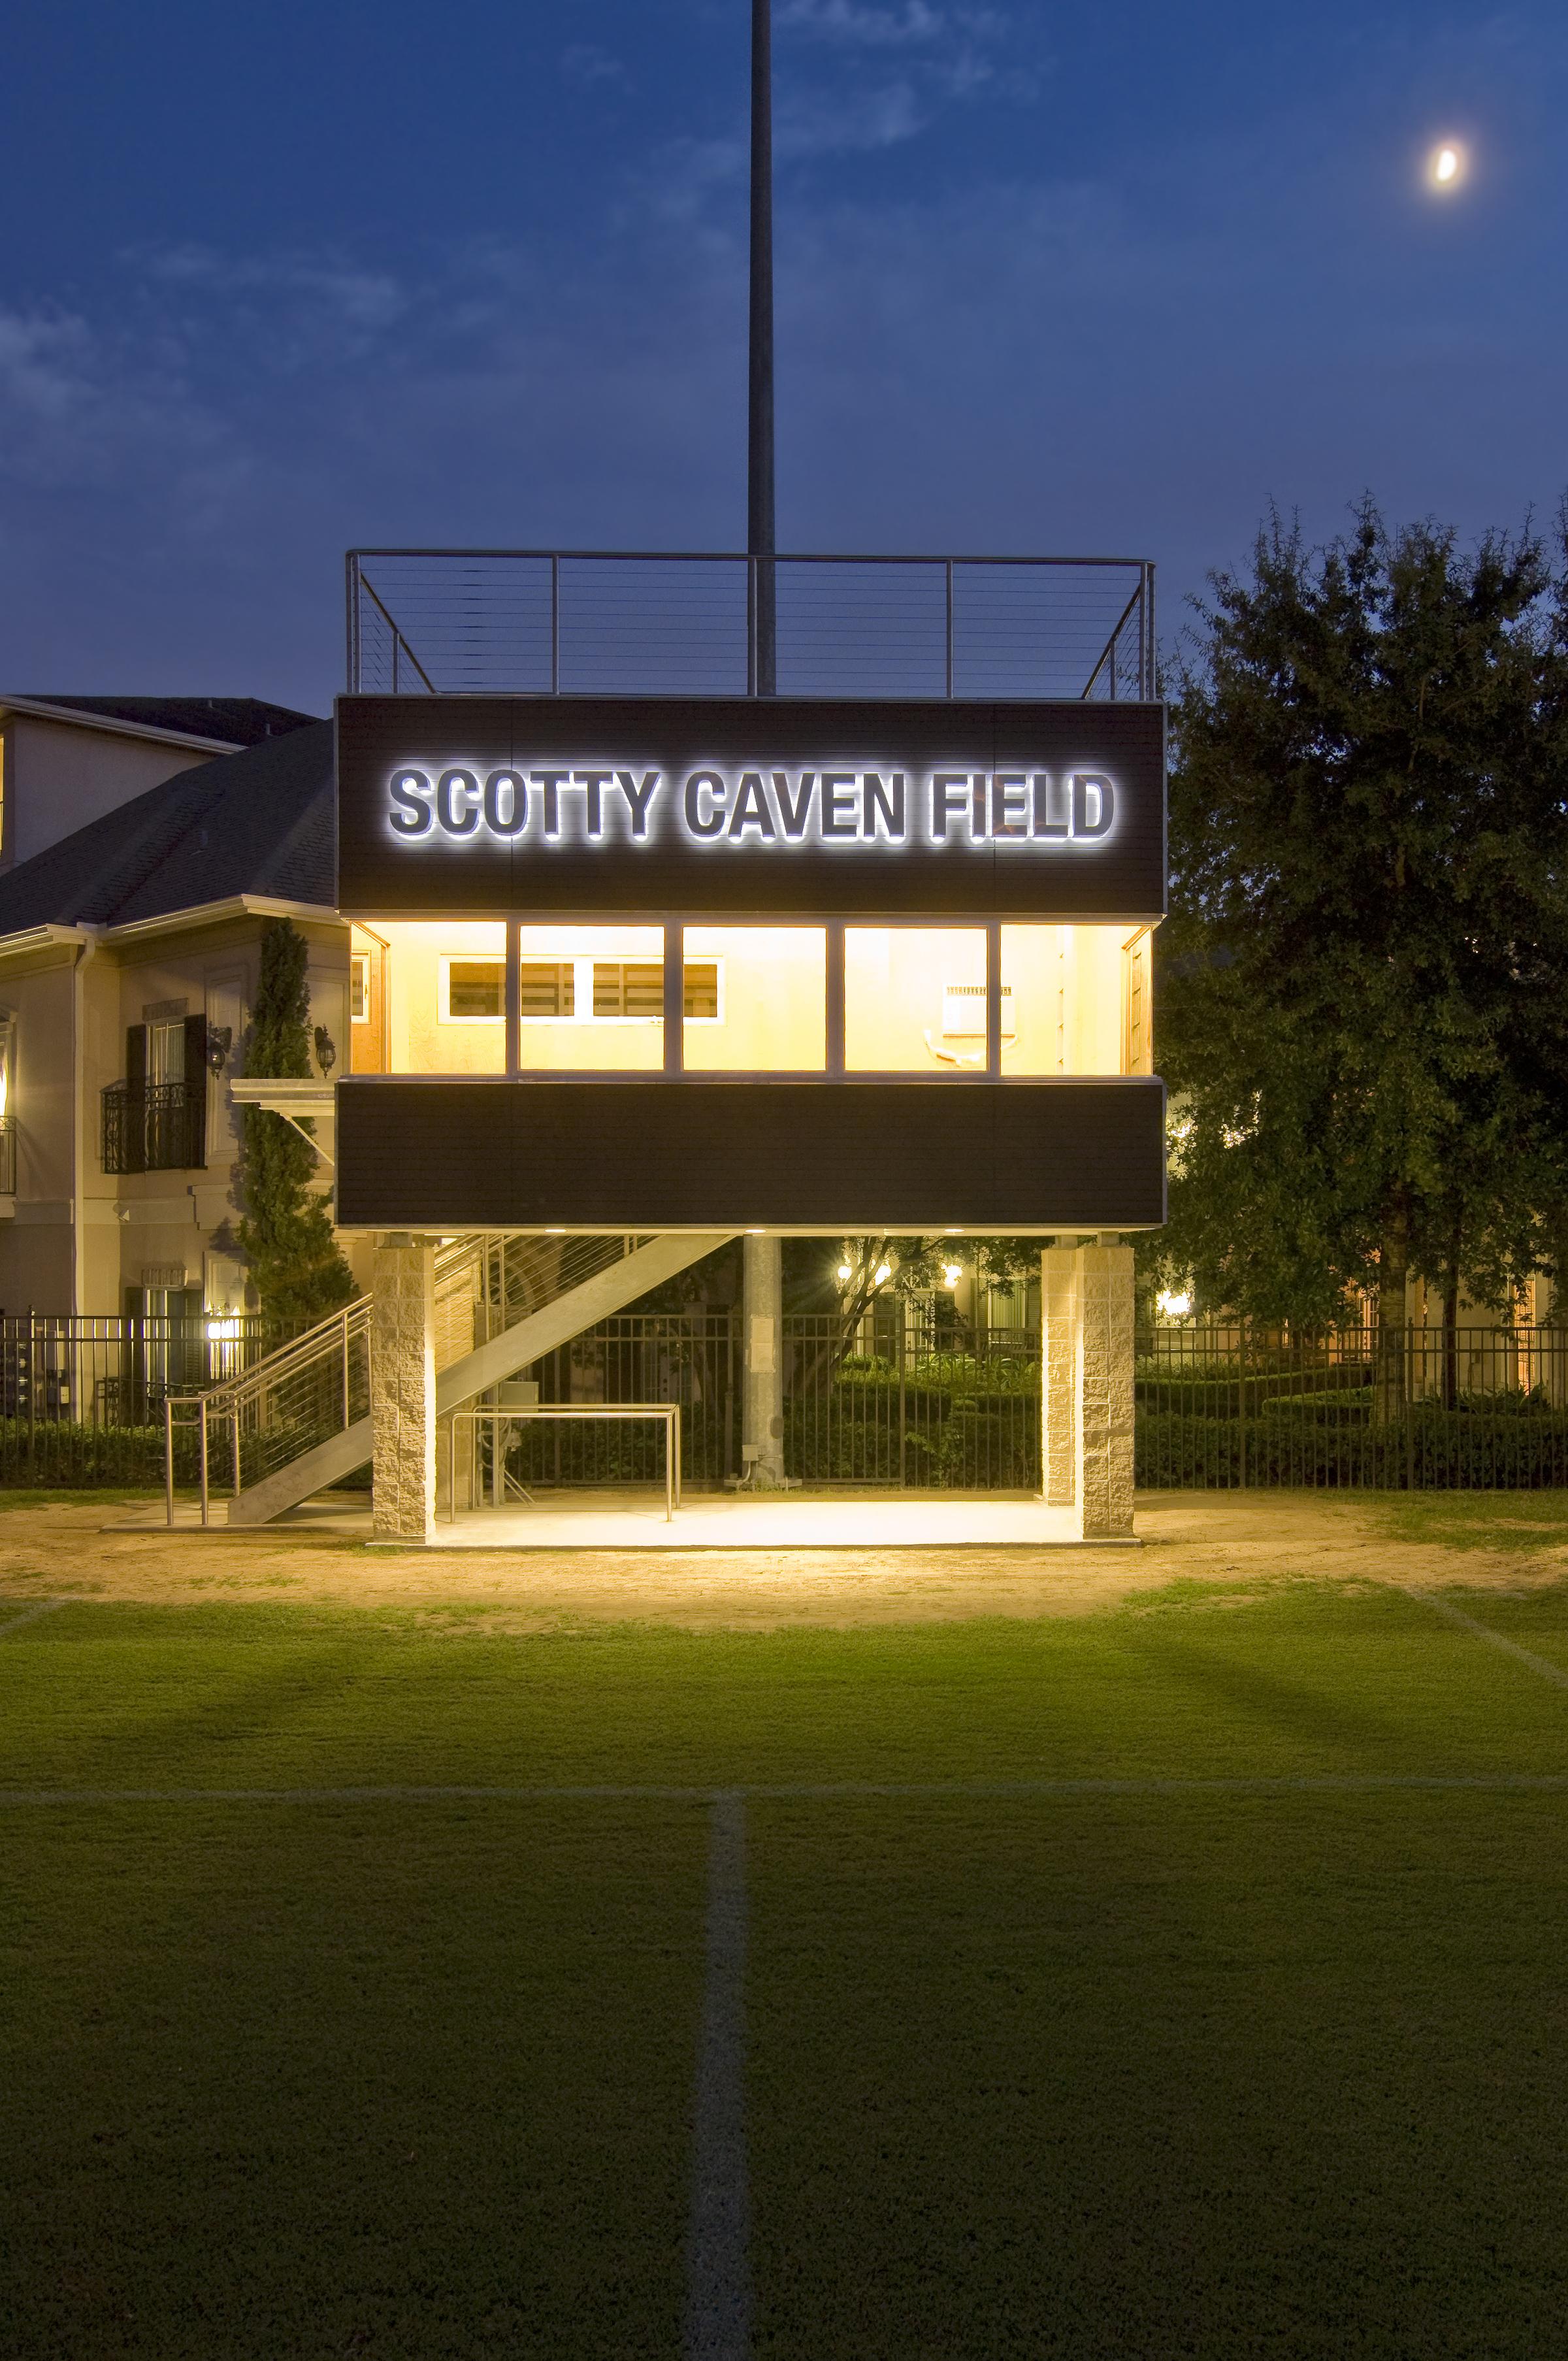 Scotty Caven Press Box